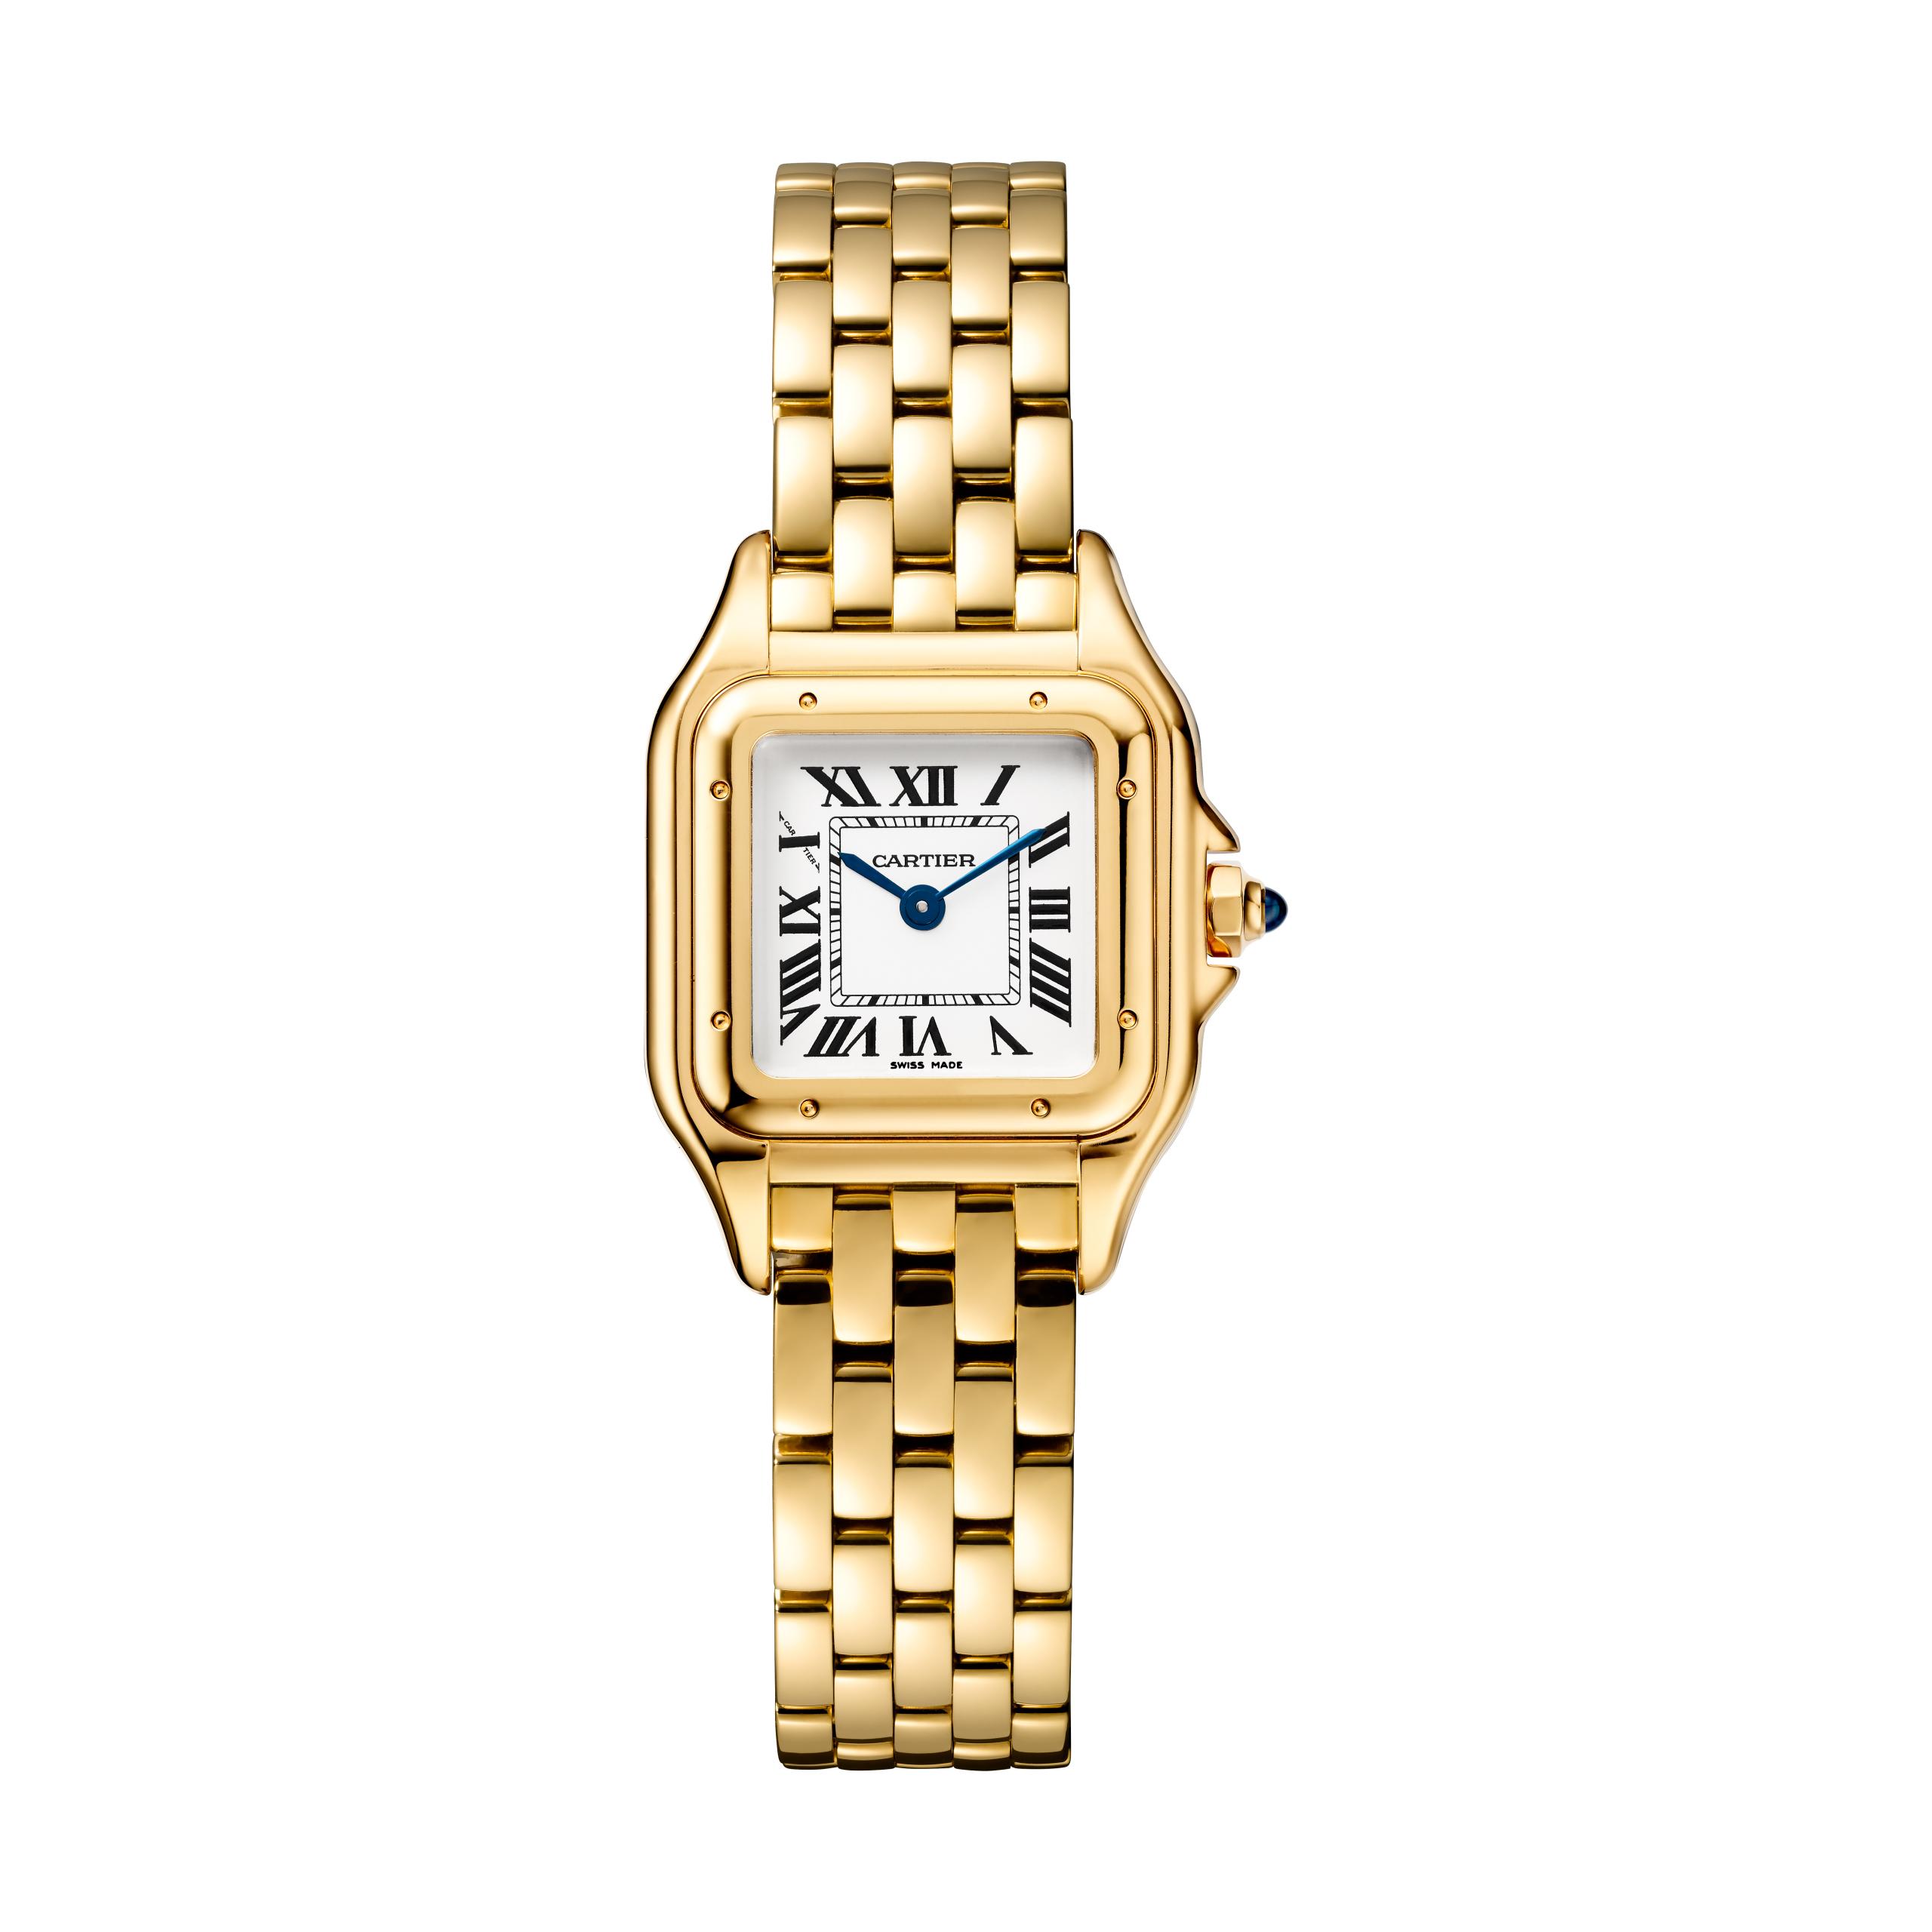 The Panthère de Cartier watch.